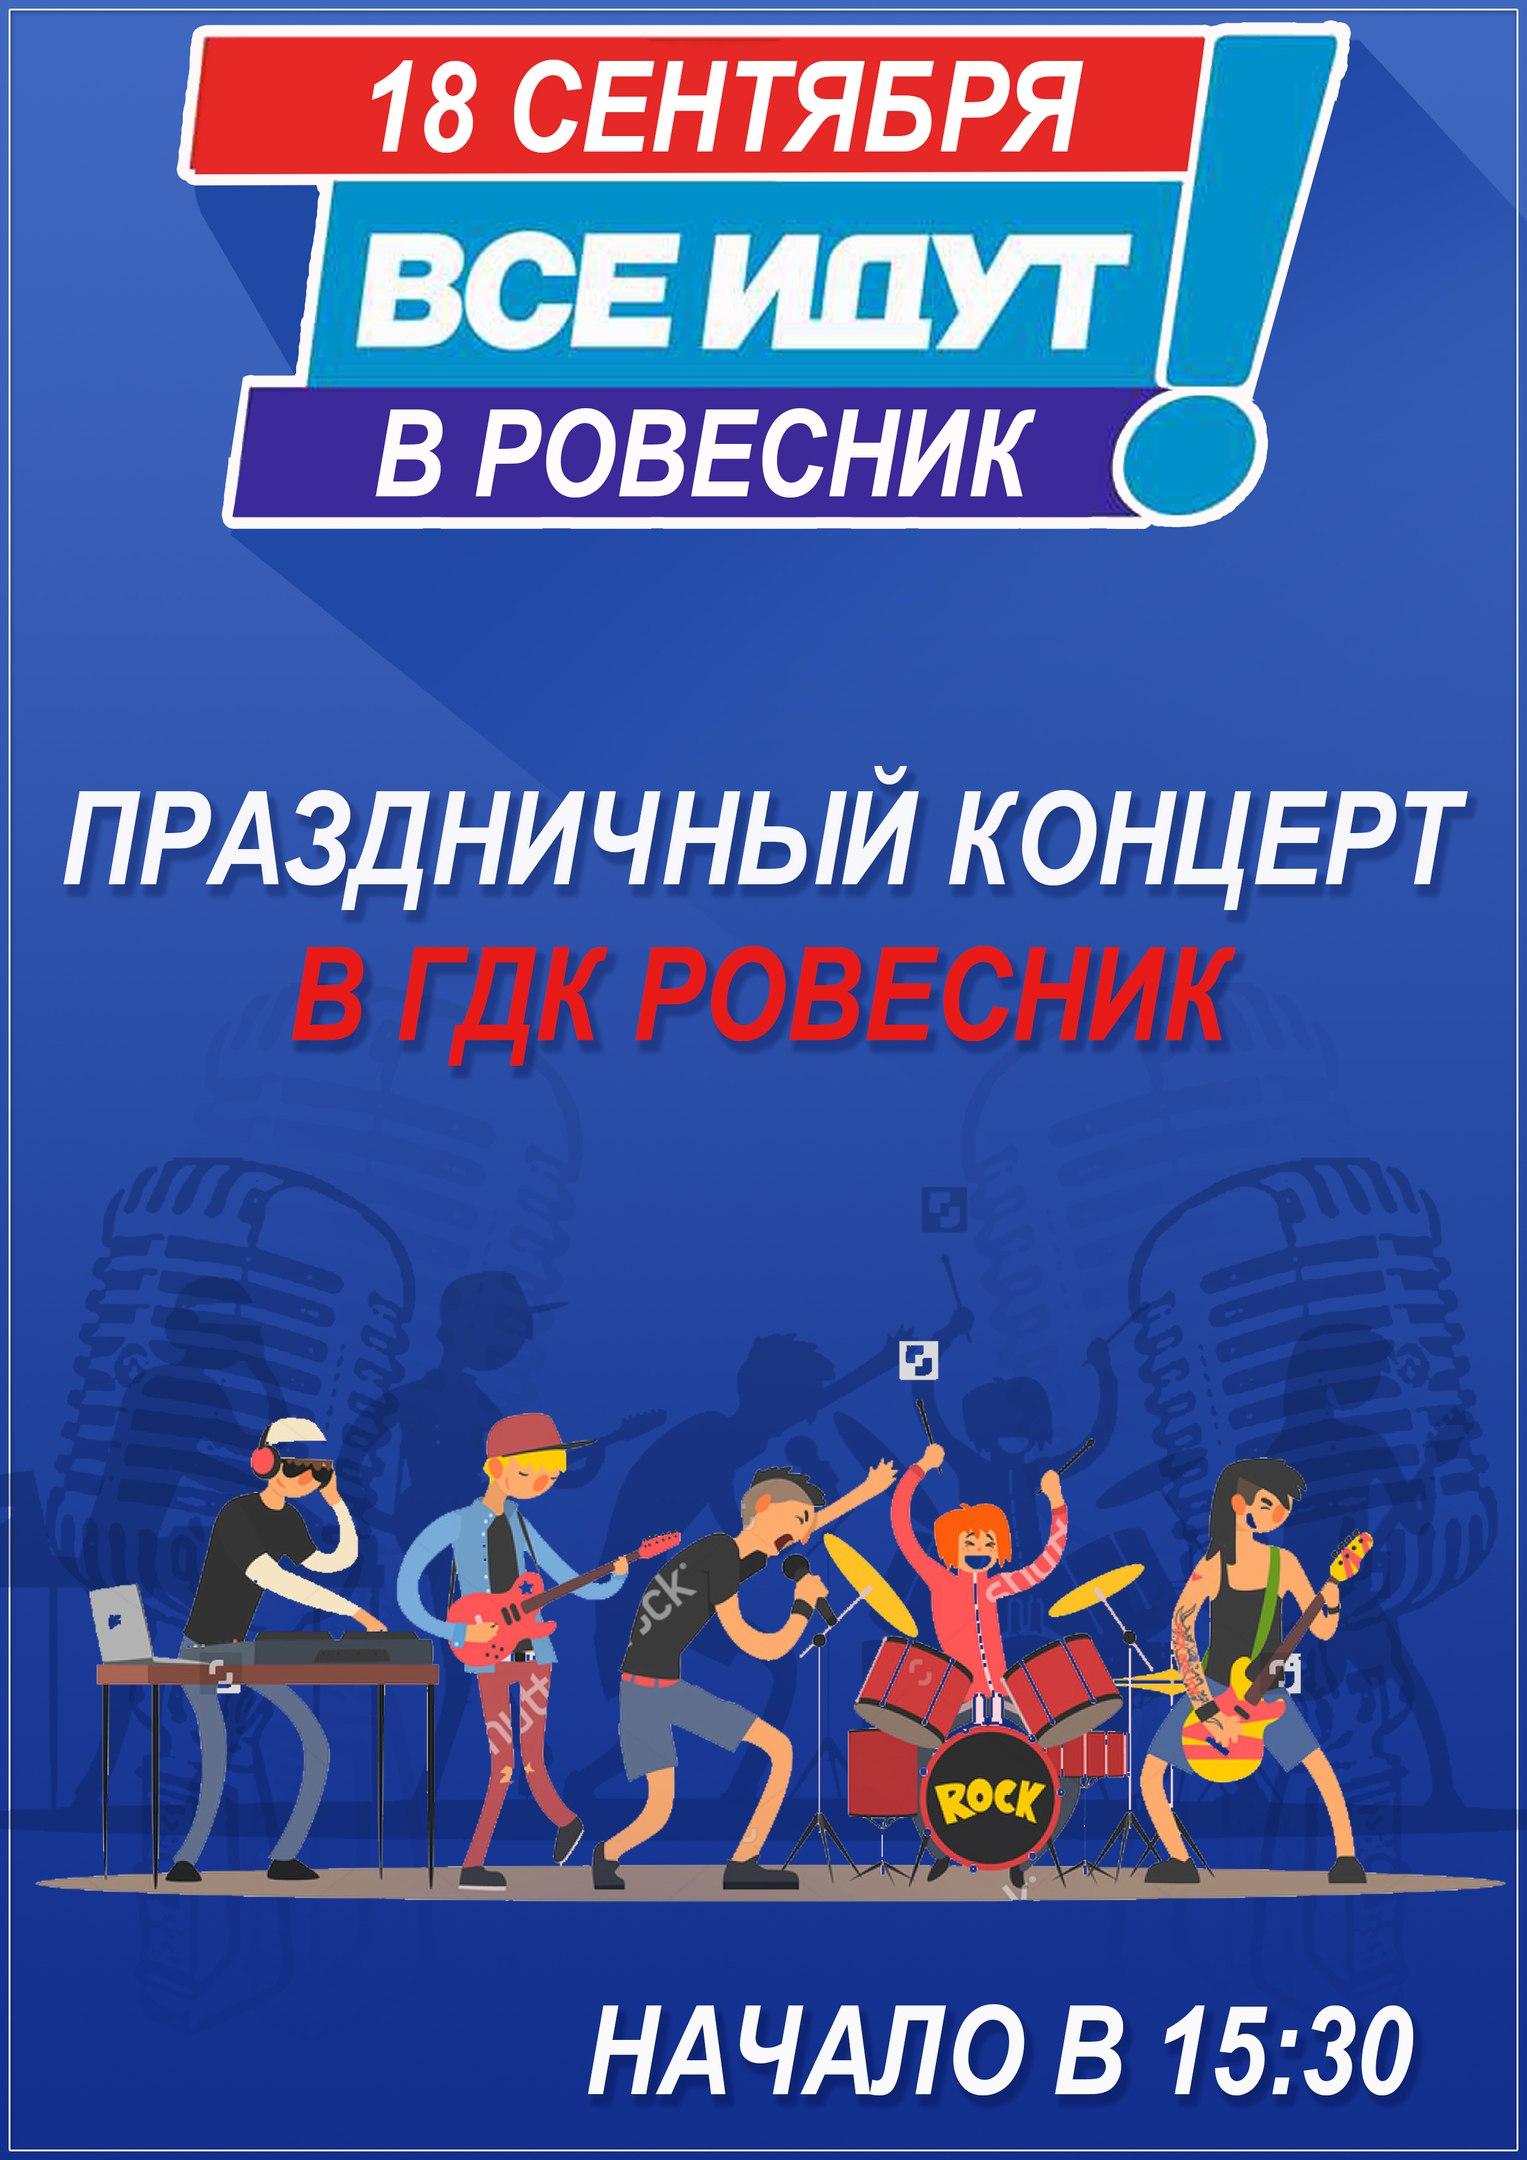 """18 сентября ГДК """"Ровесник"""" в 15.30 приглашает всех жителей Узловского района на праздничный концерт"""